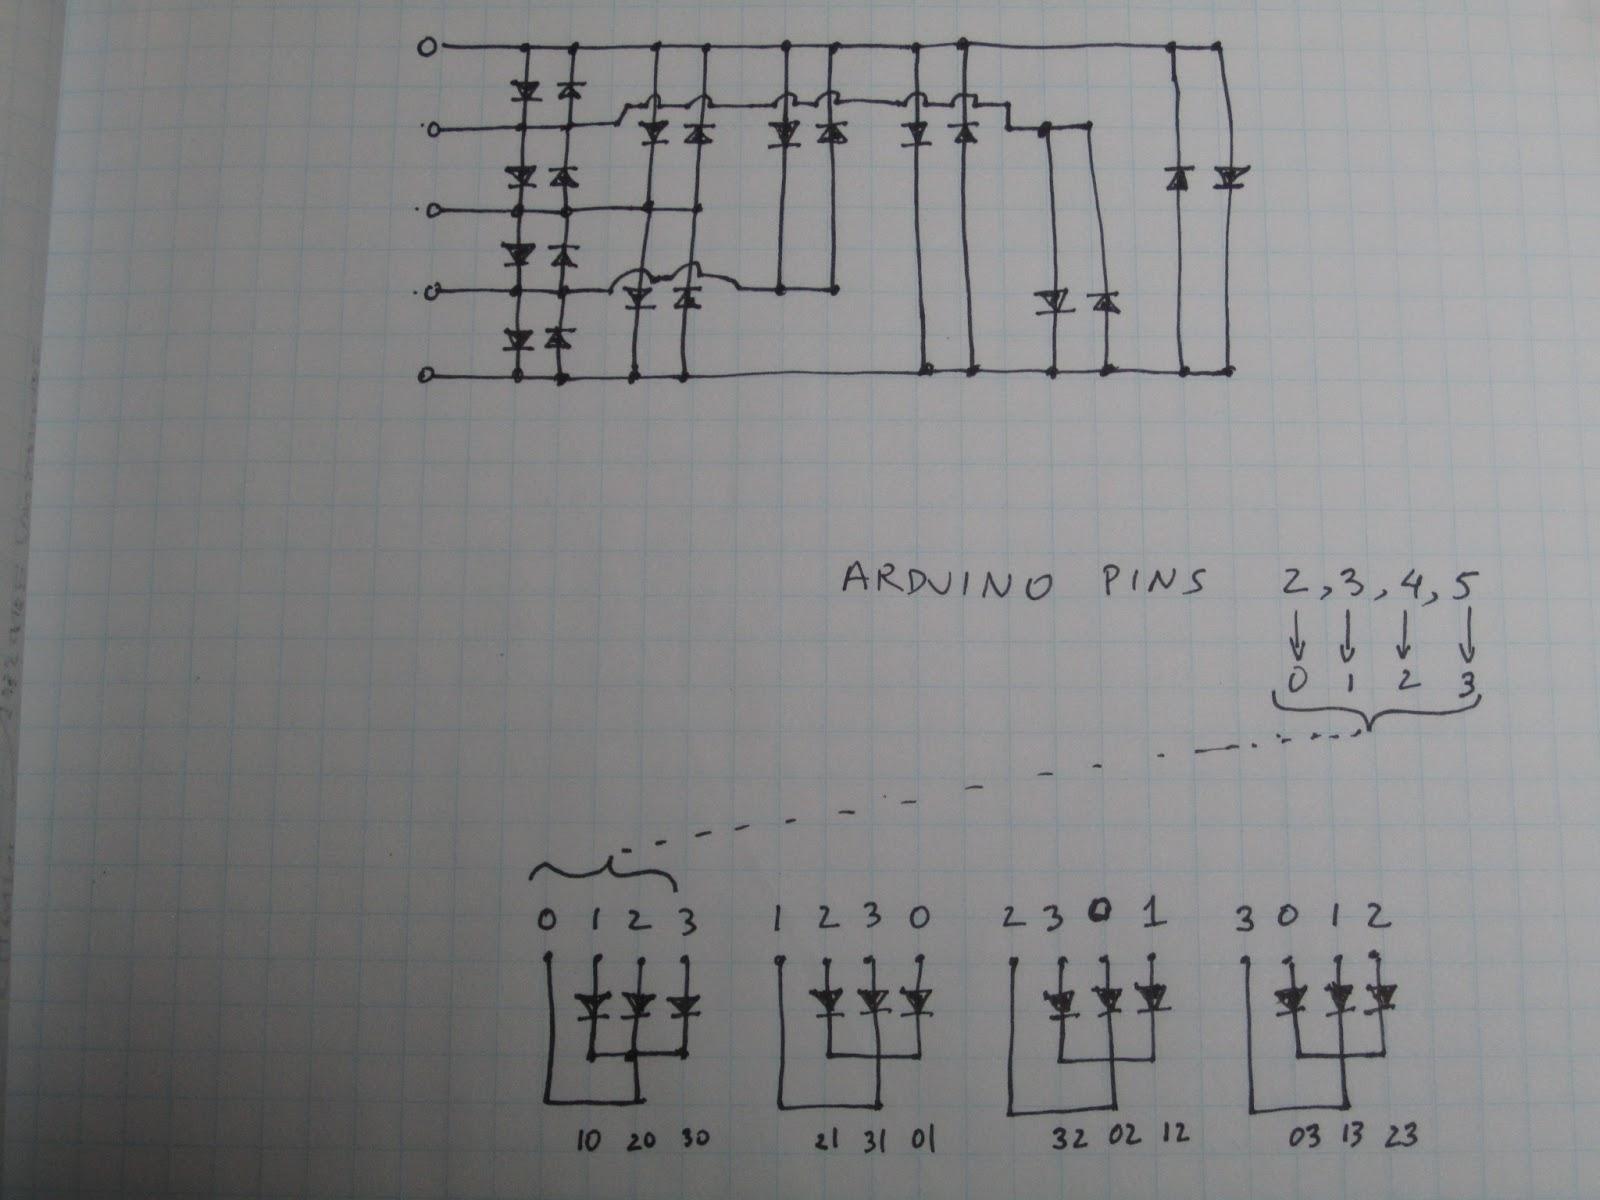 8x8x8 rgb led cube instructions